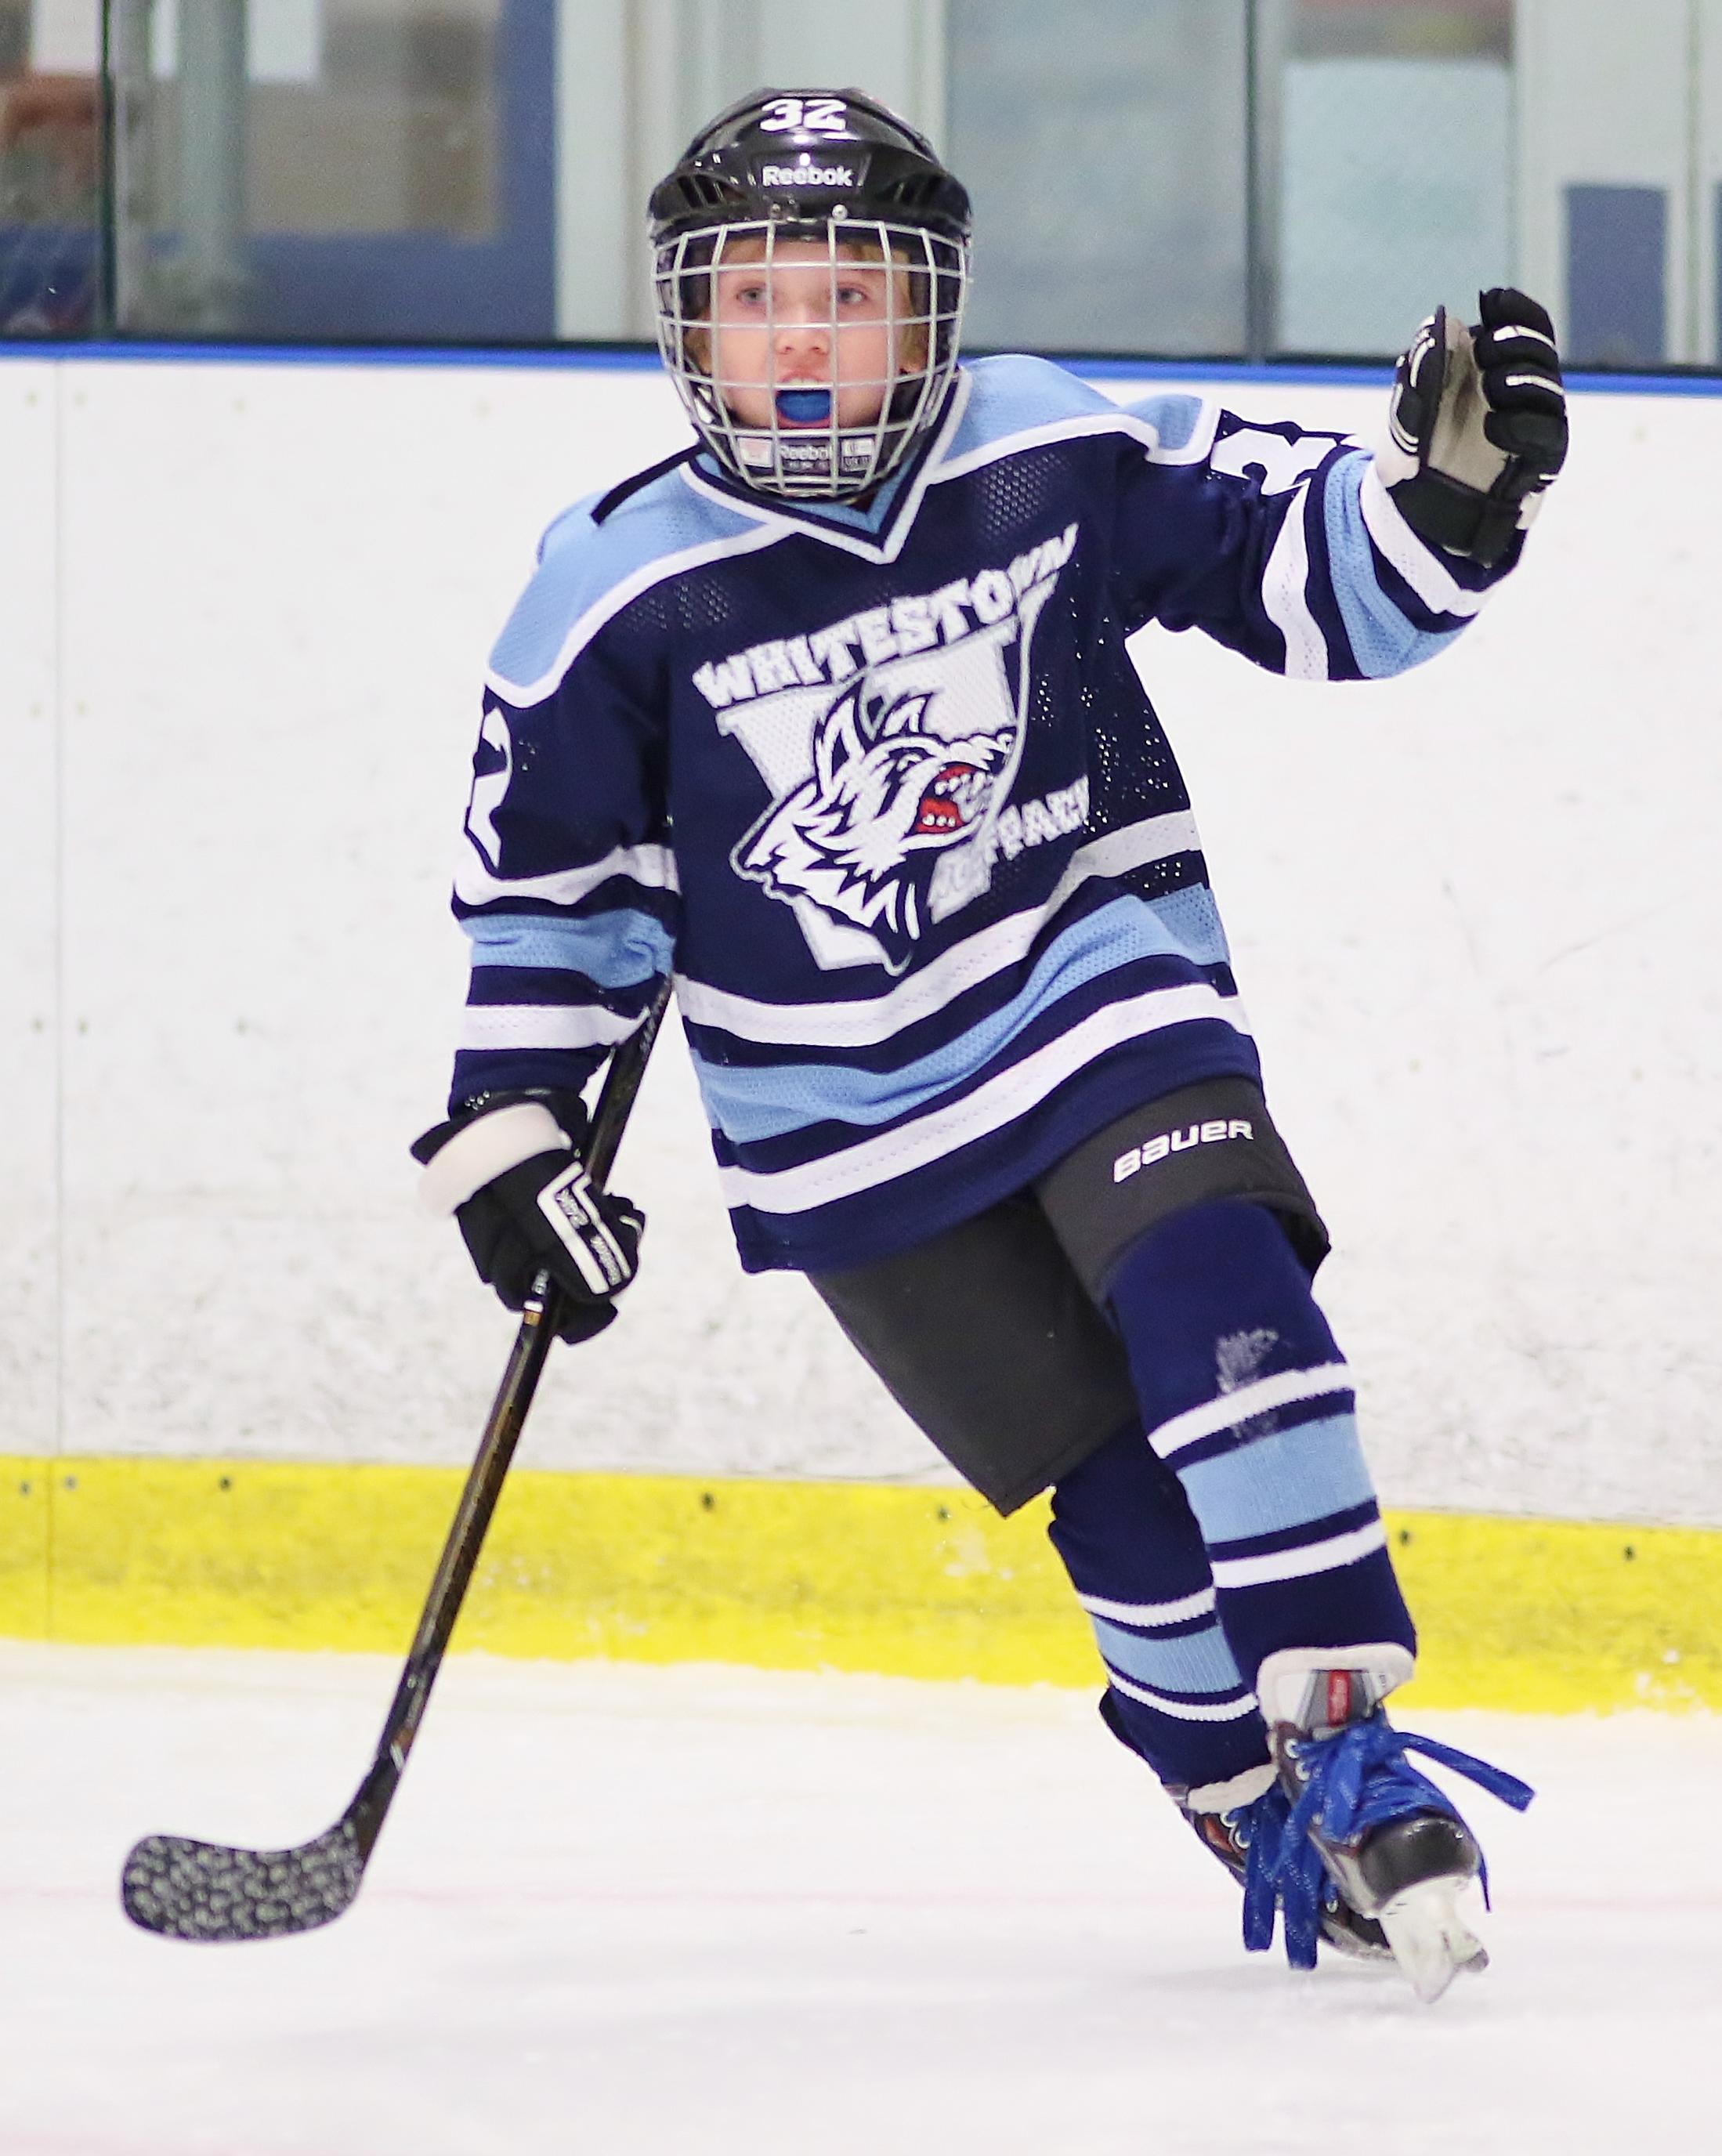 Whitestown Youth Hockey Festival